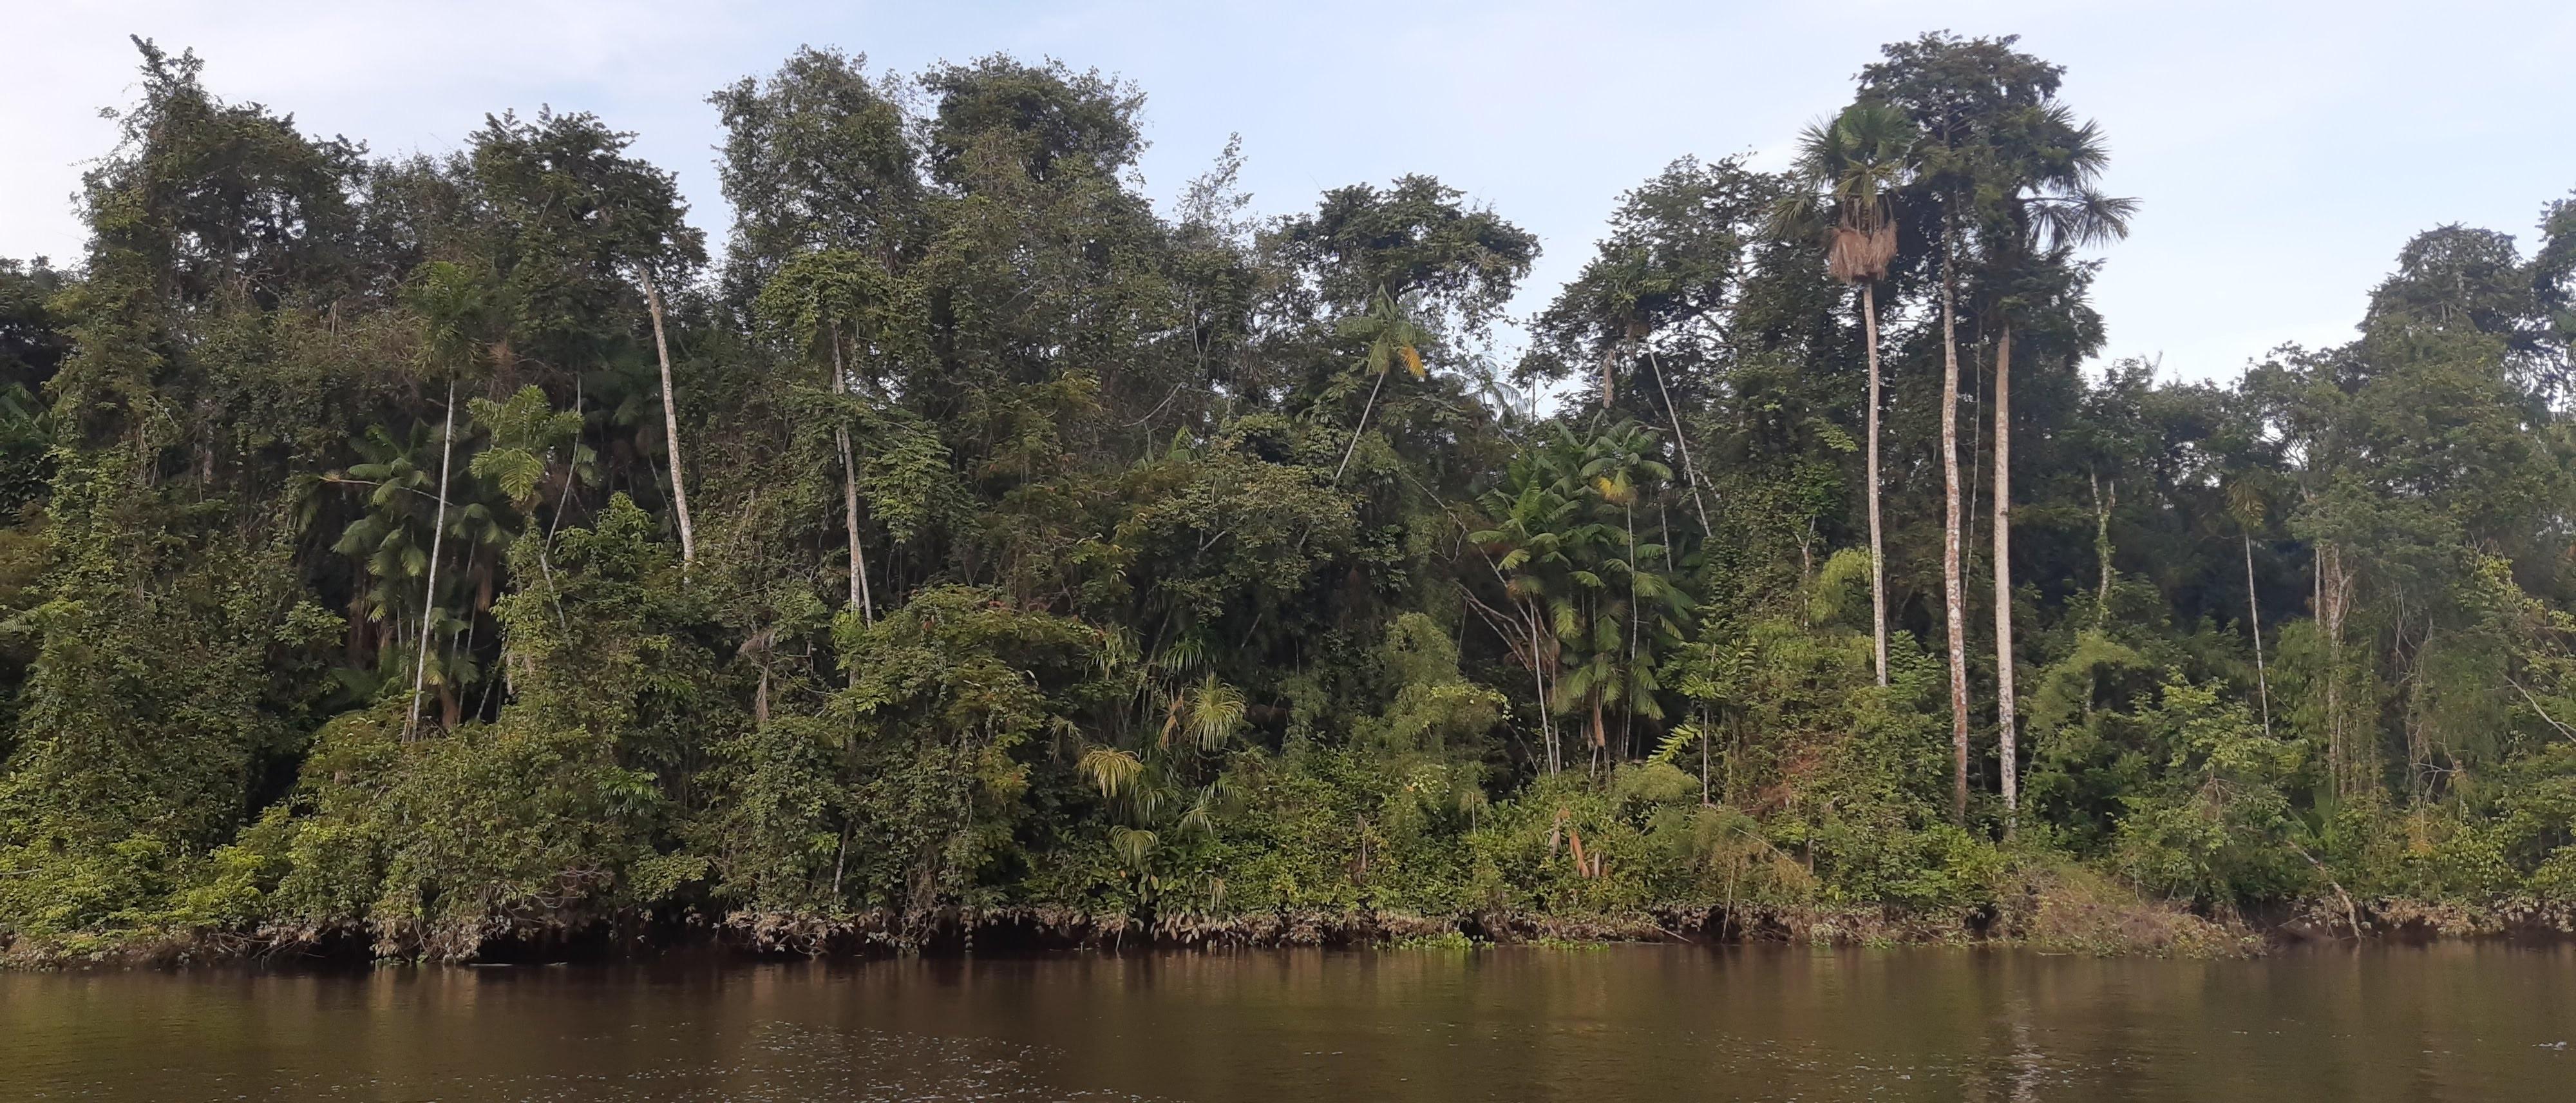 Com Amazônia emitindo mais CO2 do que absorvendo, mundo pode perder o seu 'ar condicionado' thumbnail